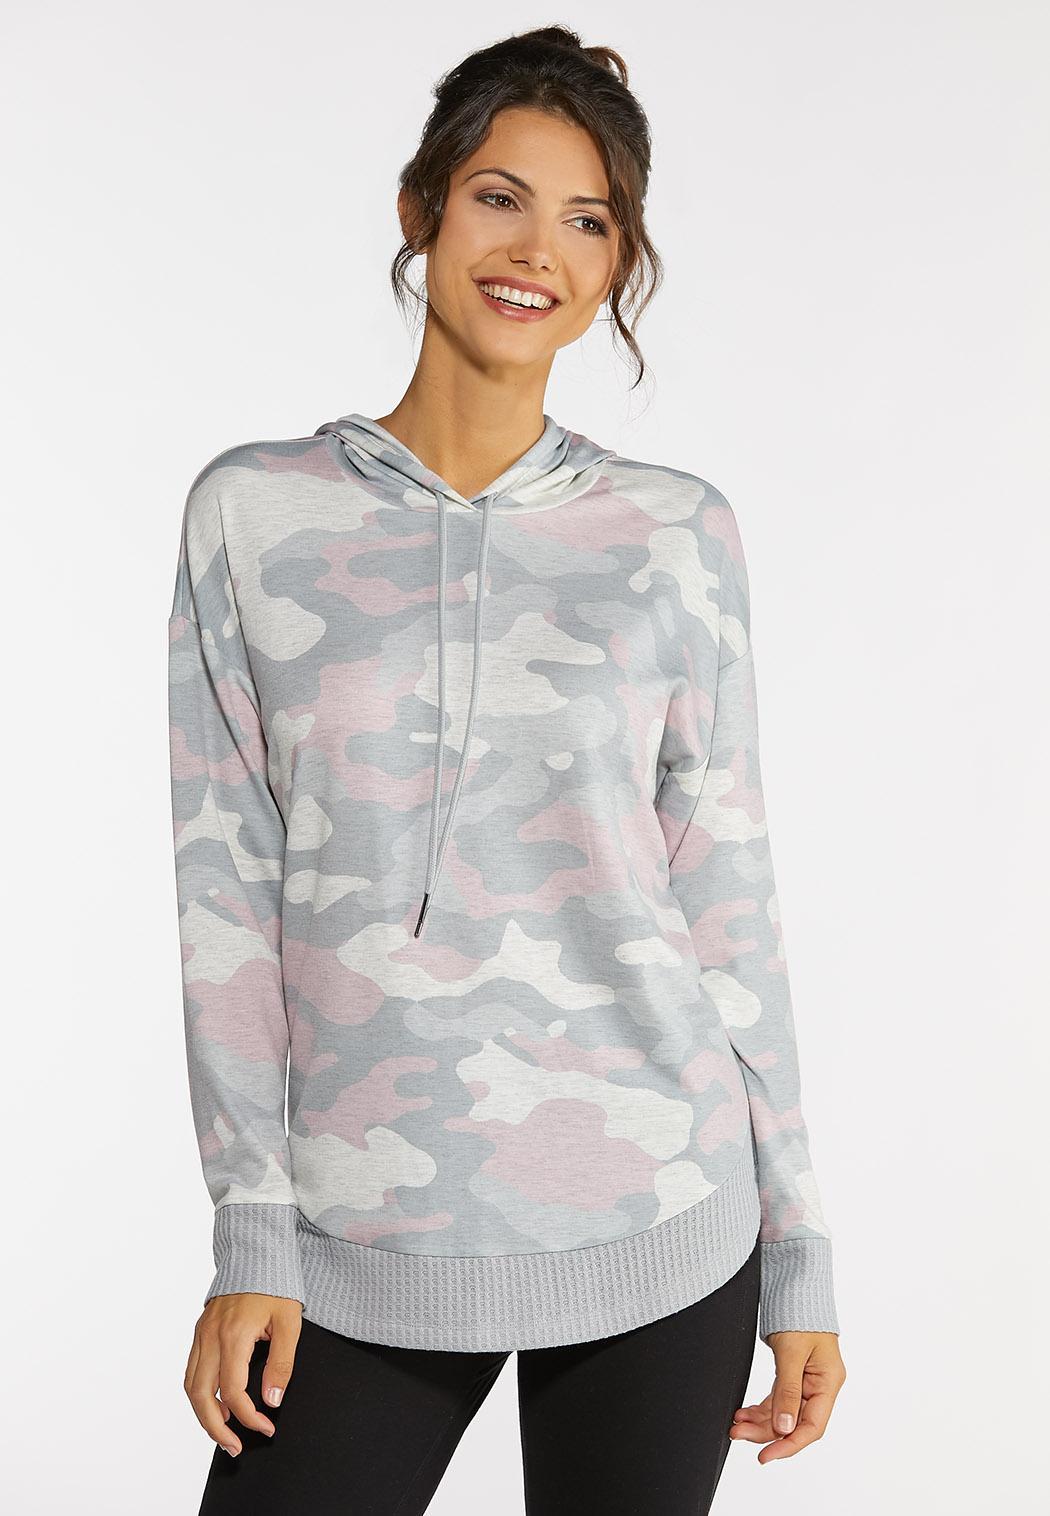 Blush Camo Sweatshirt